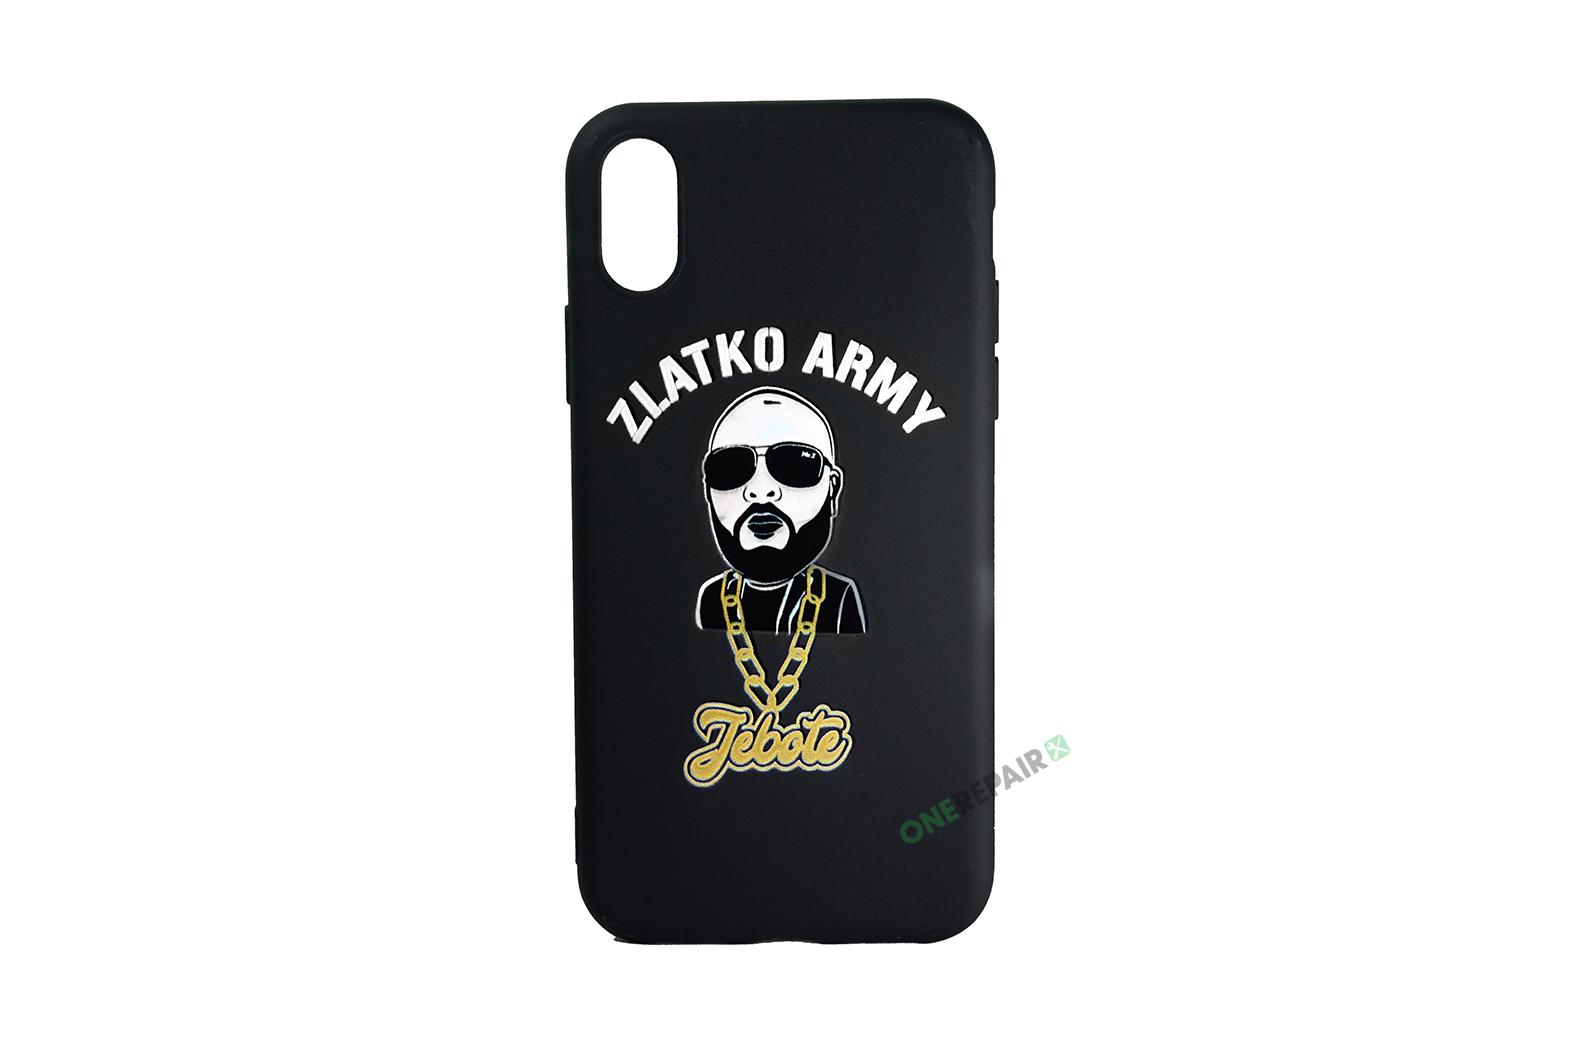 353782-001_iPhone_X_XS_Zlatko_Army_Sort_OneRepair_00001